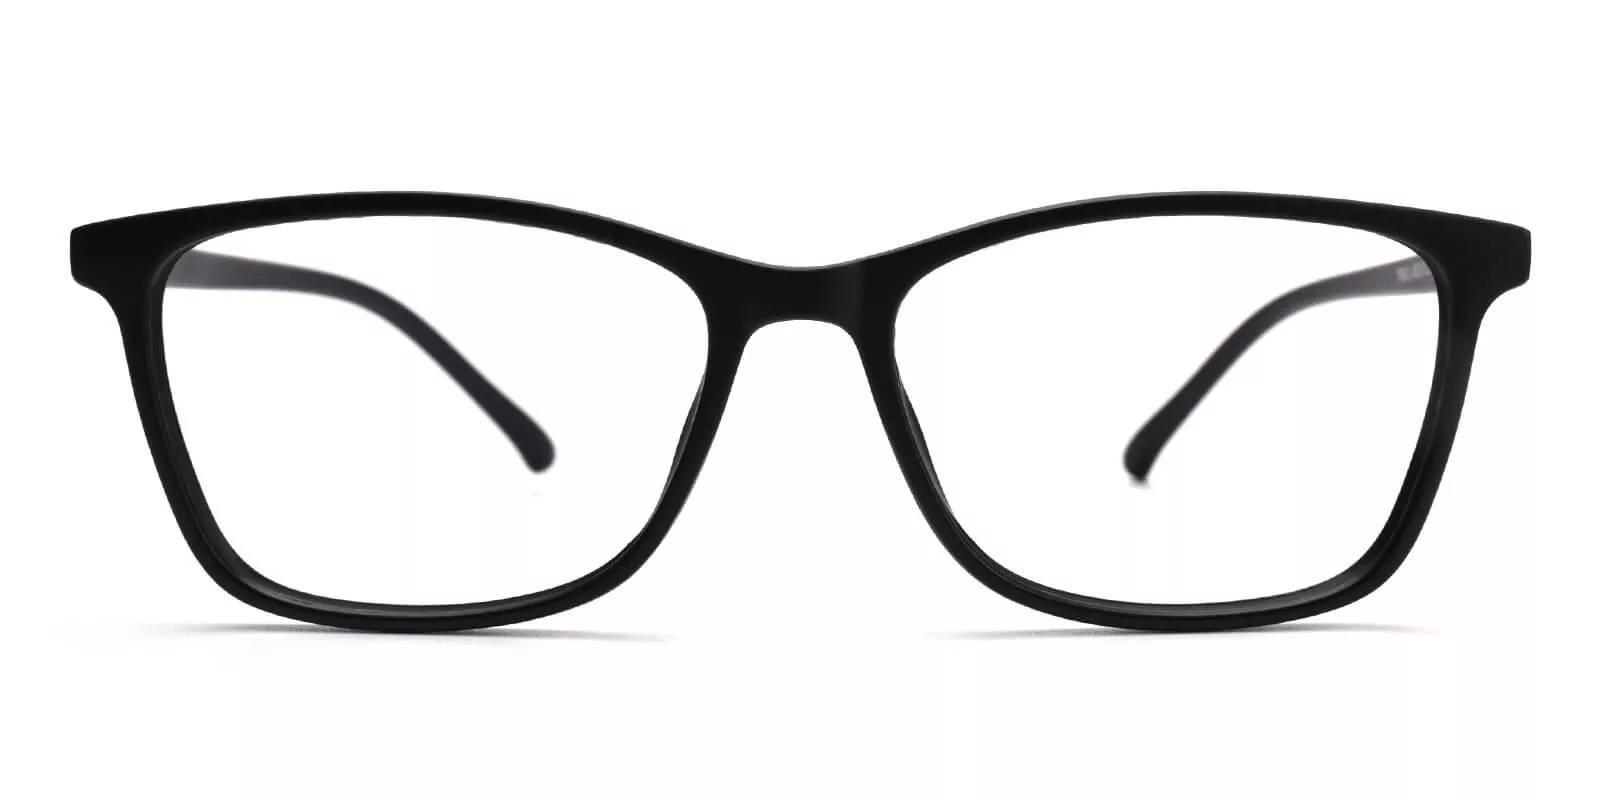 Davenport Light Weight Eyeglasses Black